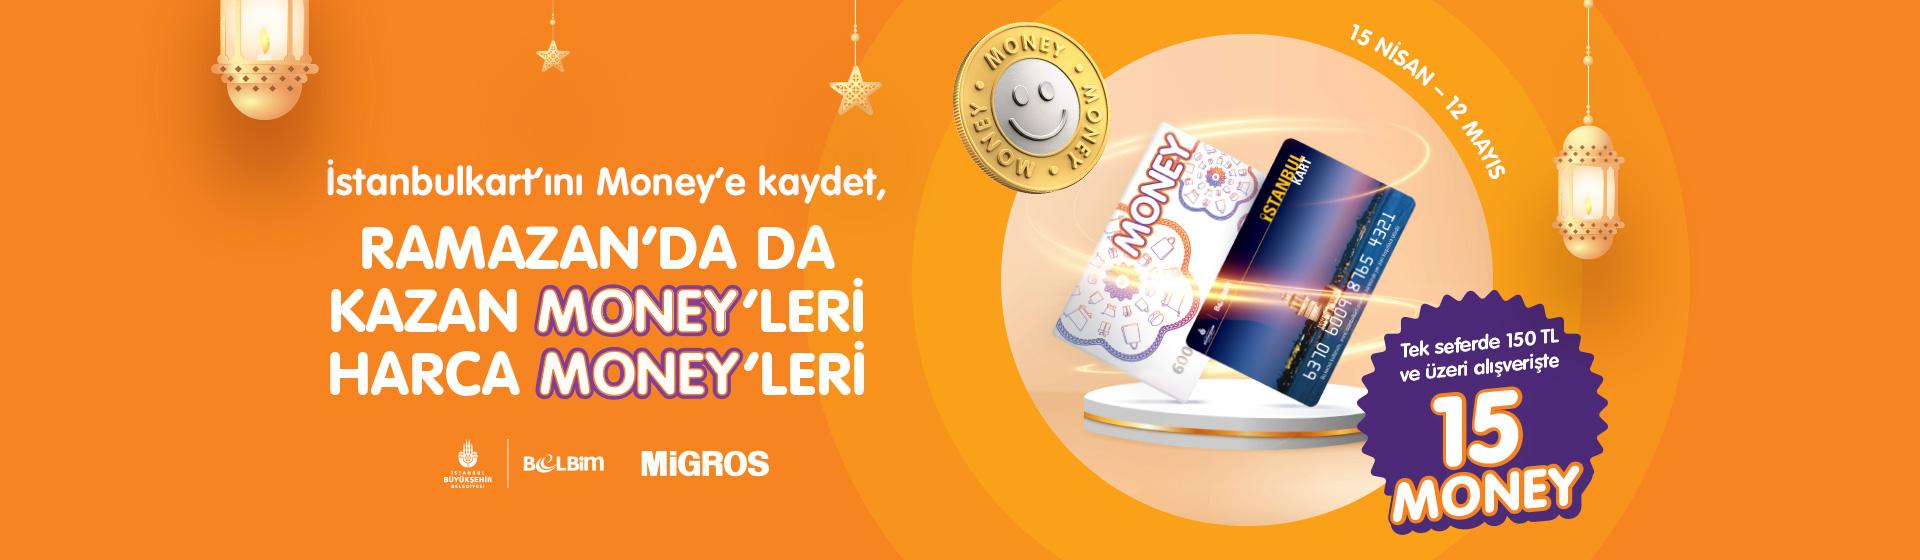 İstanbulkart 150 TL'ye 15 Money Kampanyası